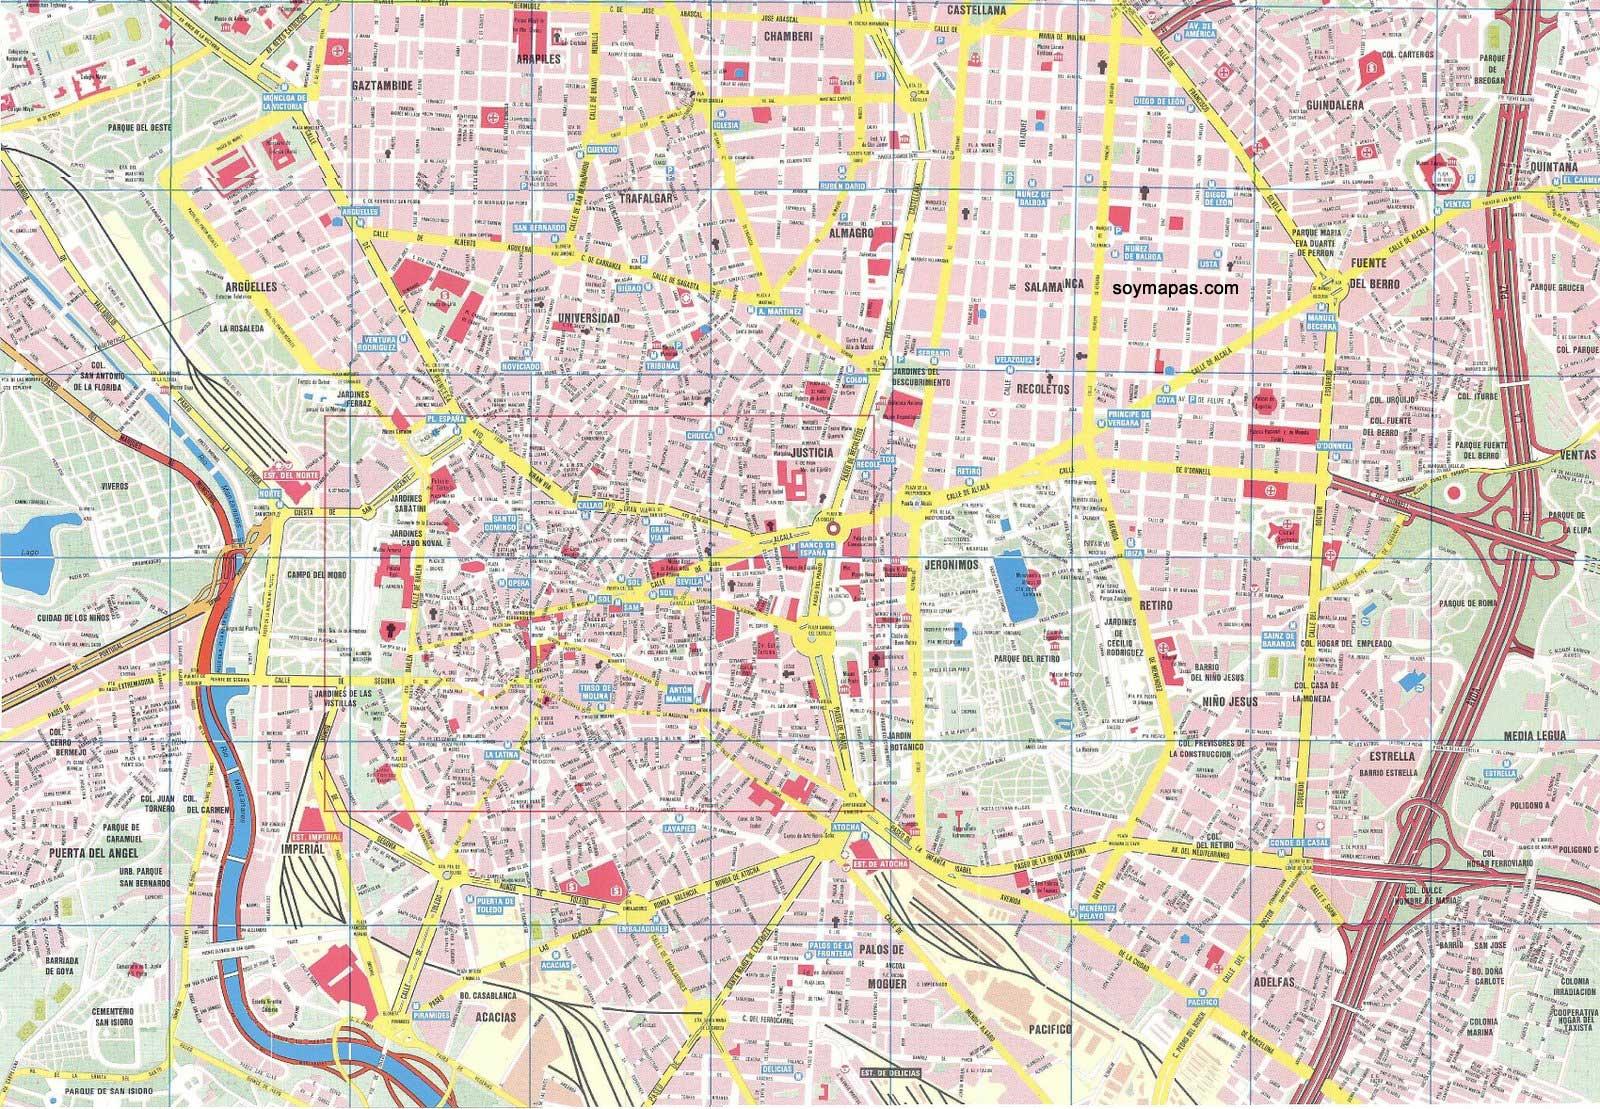 mapa de madrid Mapa de Madrid | Barrios de Madrid mapa de madrid